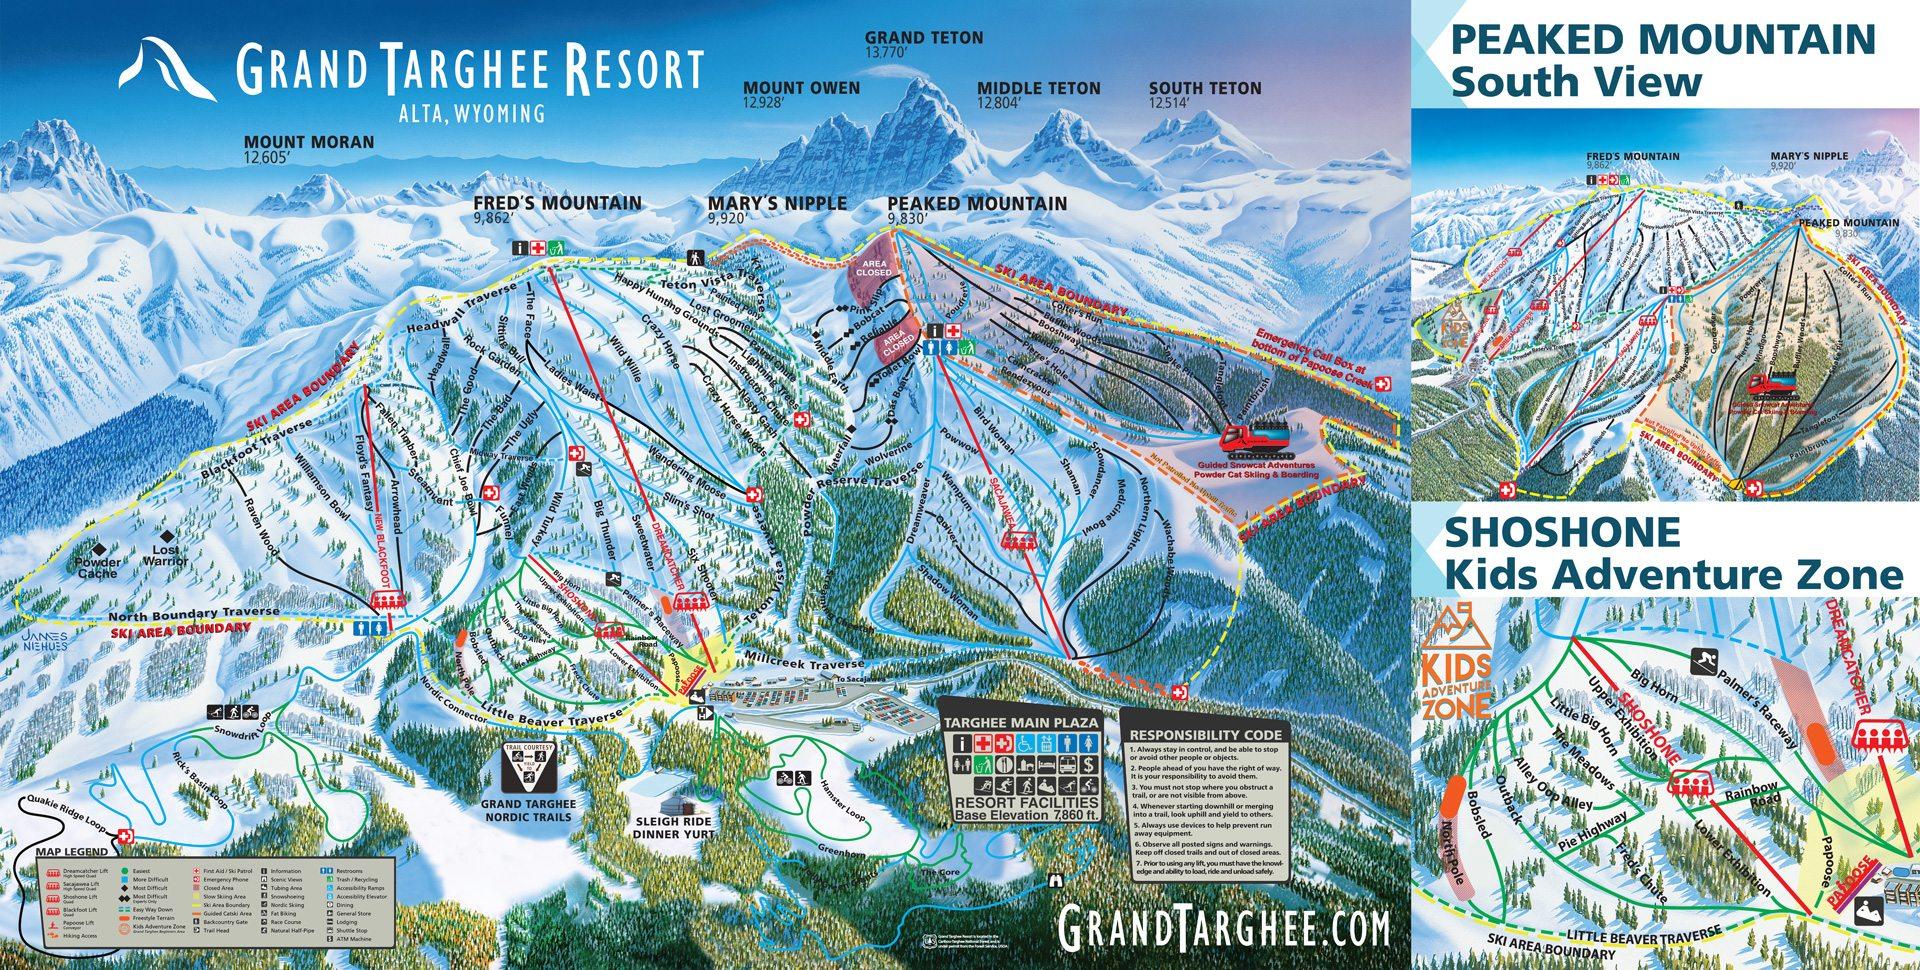 wyoming ski resorts map Grand Targhee Wyoming Ski Trail Map Free Download wyoming ski resorts map